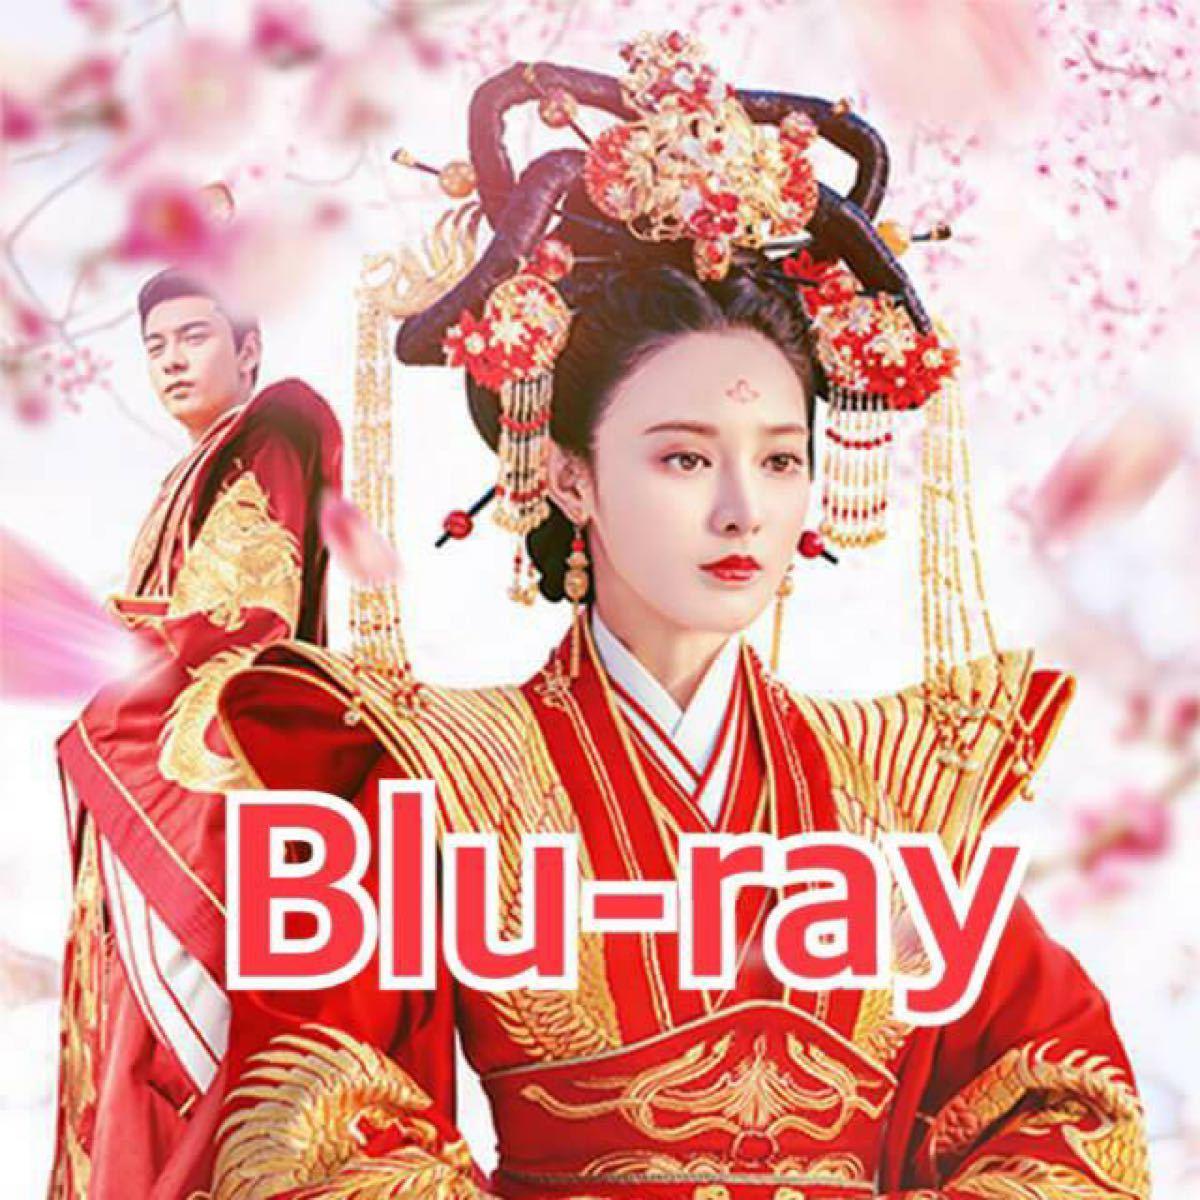 中国ドラマ 東宮〜永遠の記憶に眠る愛〜 Blu-ray